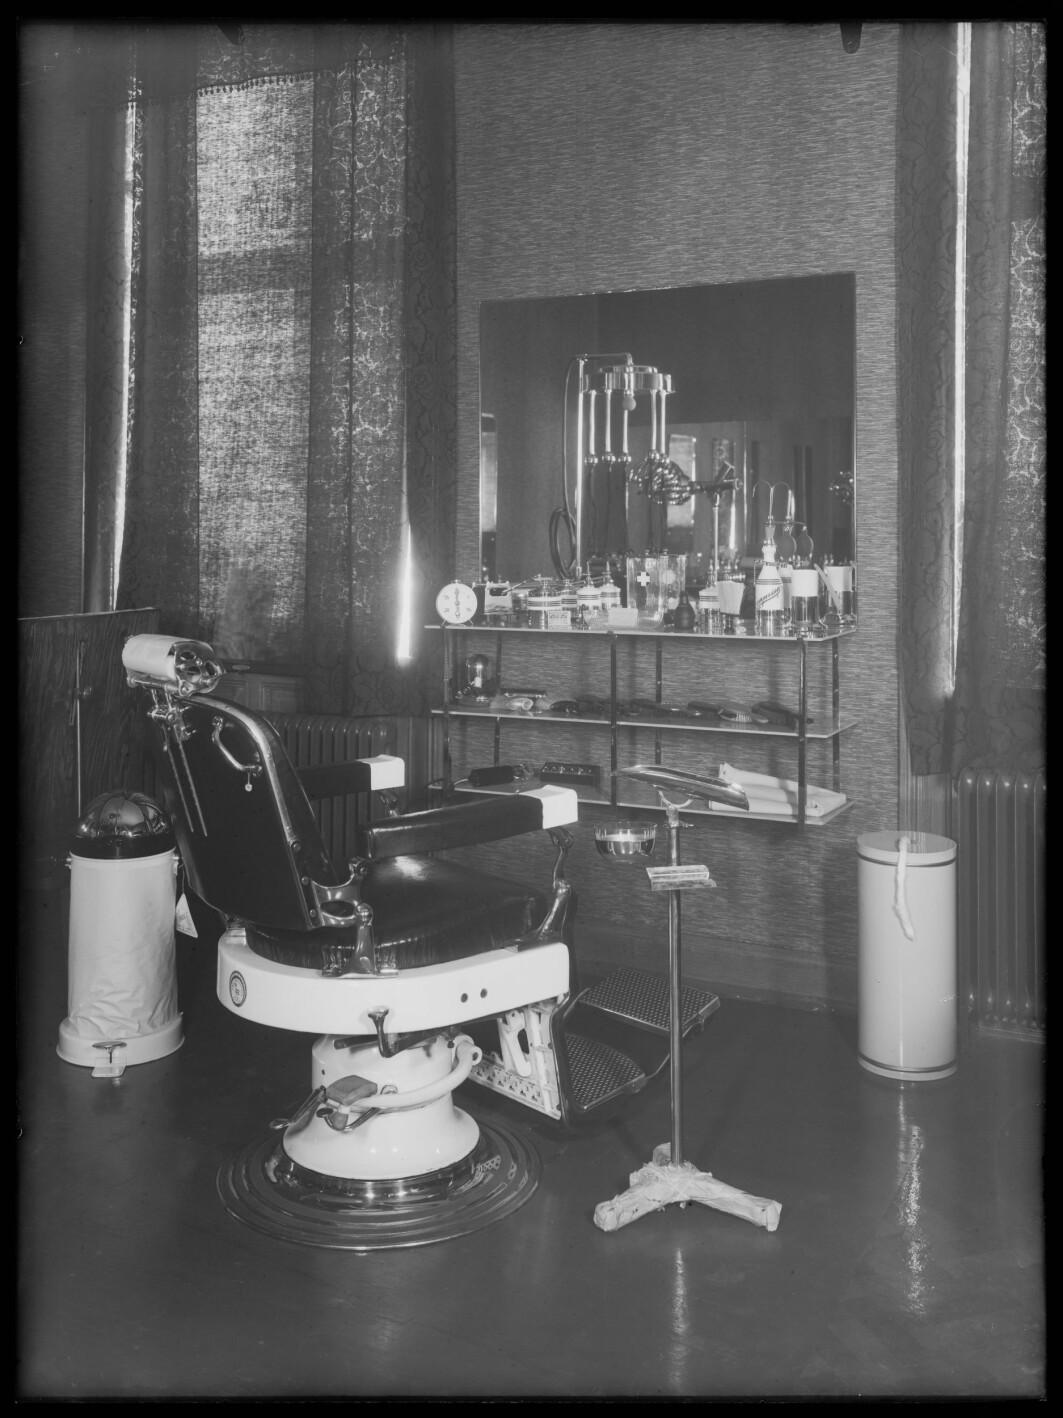 Dette skal være et tannlegekontor i Skippergata i Oslo. Det kan se ut som det også ble begått barbering på samme sted. Fotoets alder er ukjent. Antagelig er det tatt mellom 1929 og 1955.